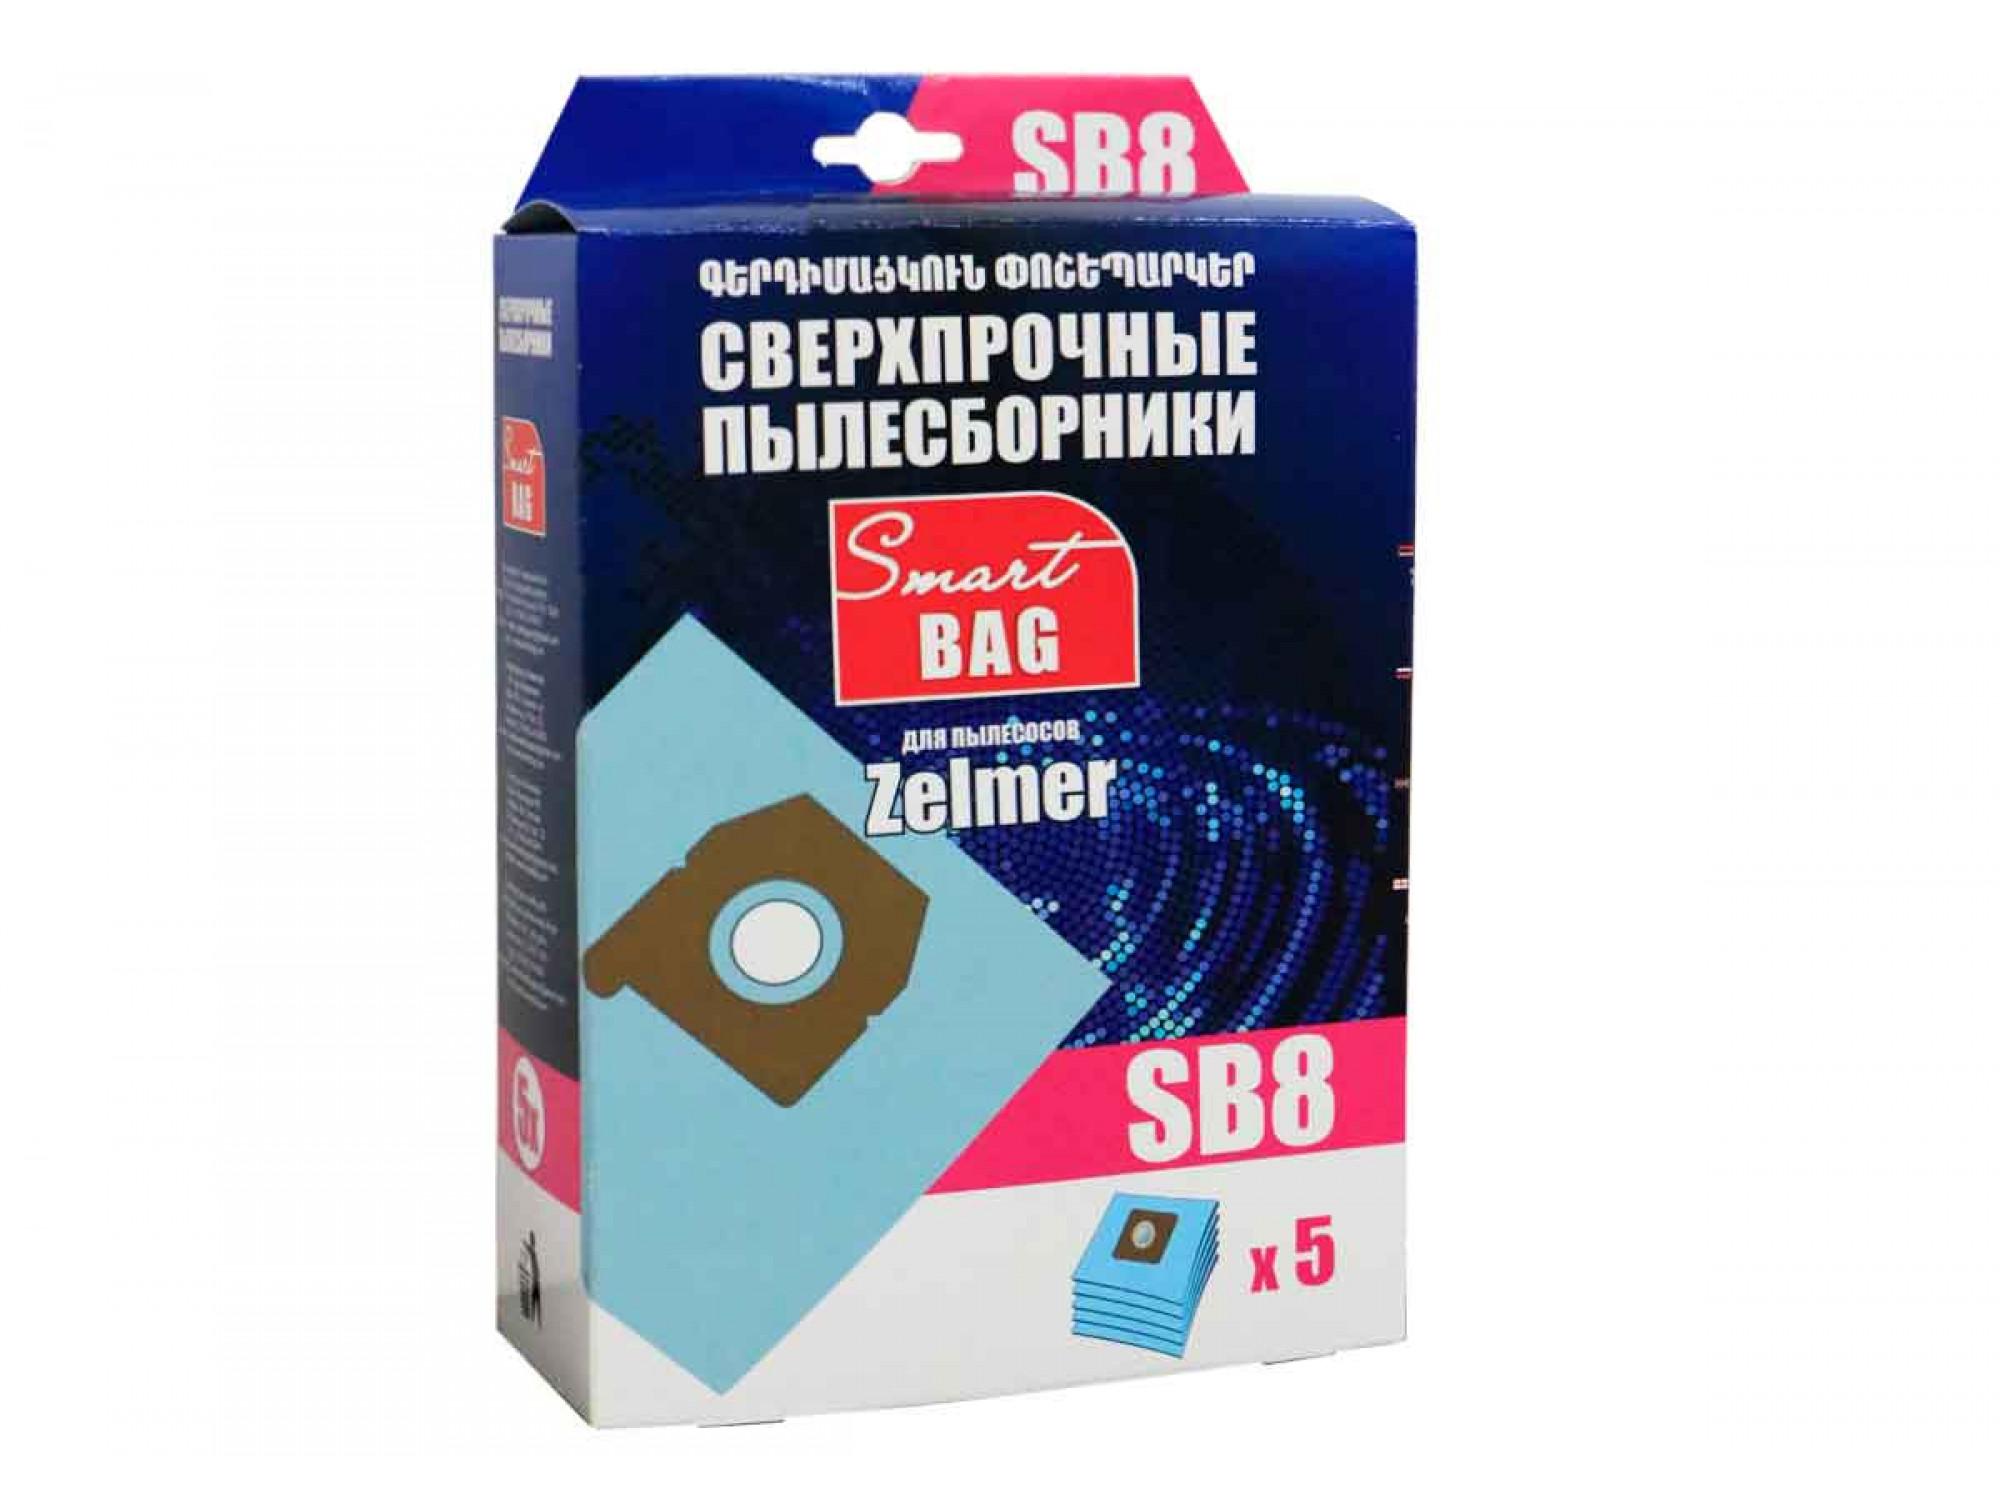 փոշեկուլի պարկ SMART BAG SB8 (x5)